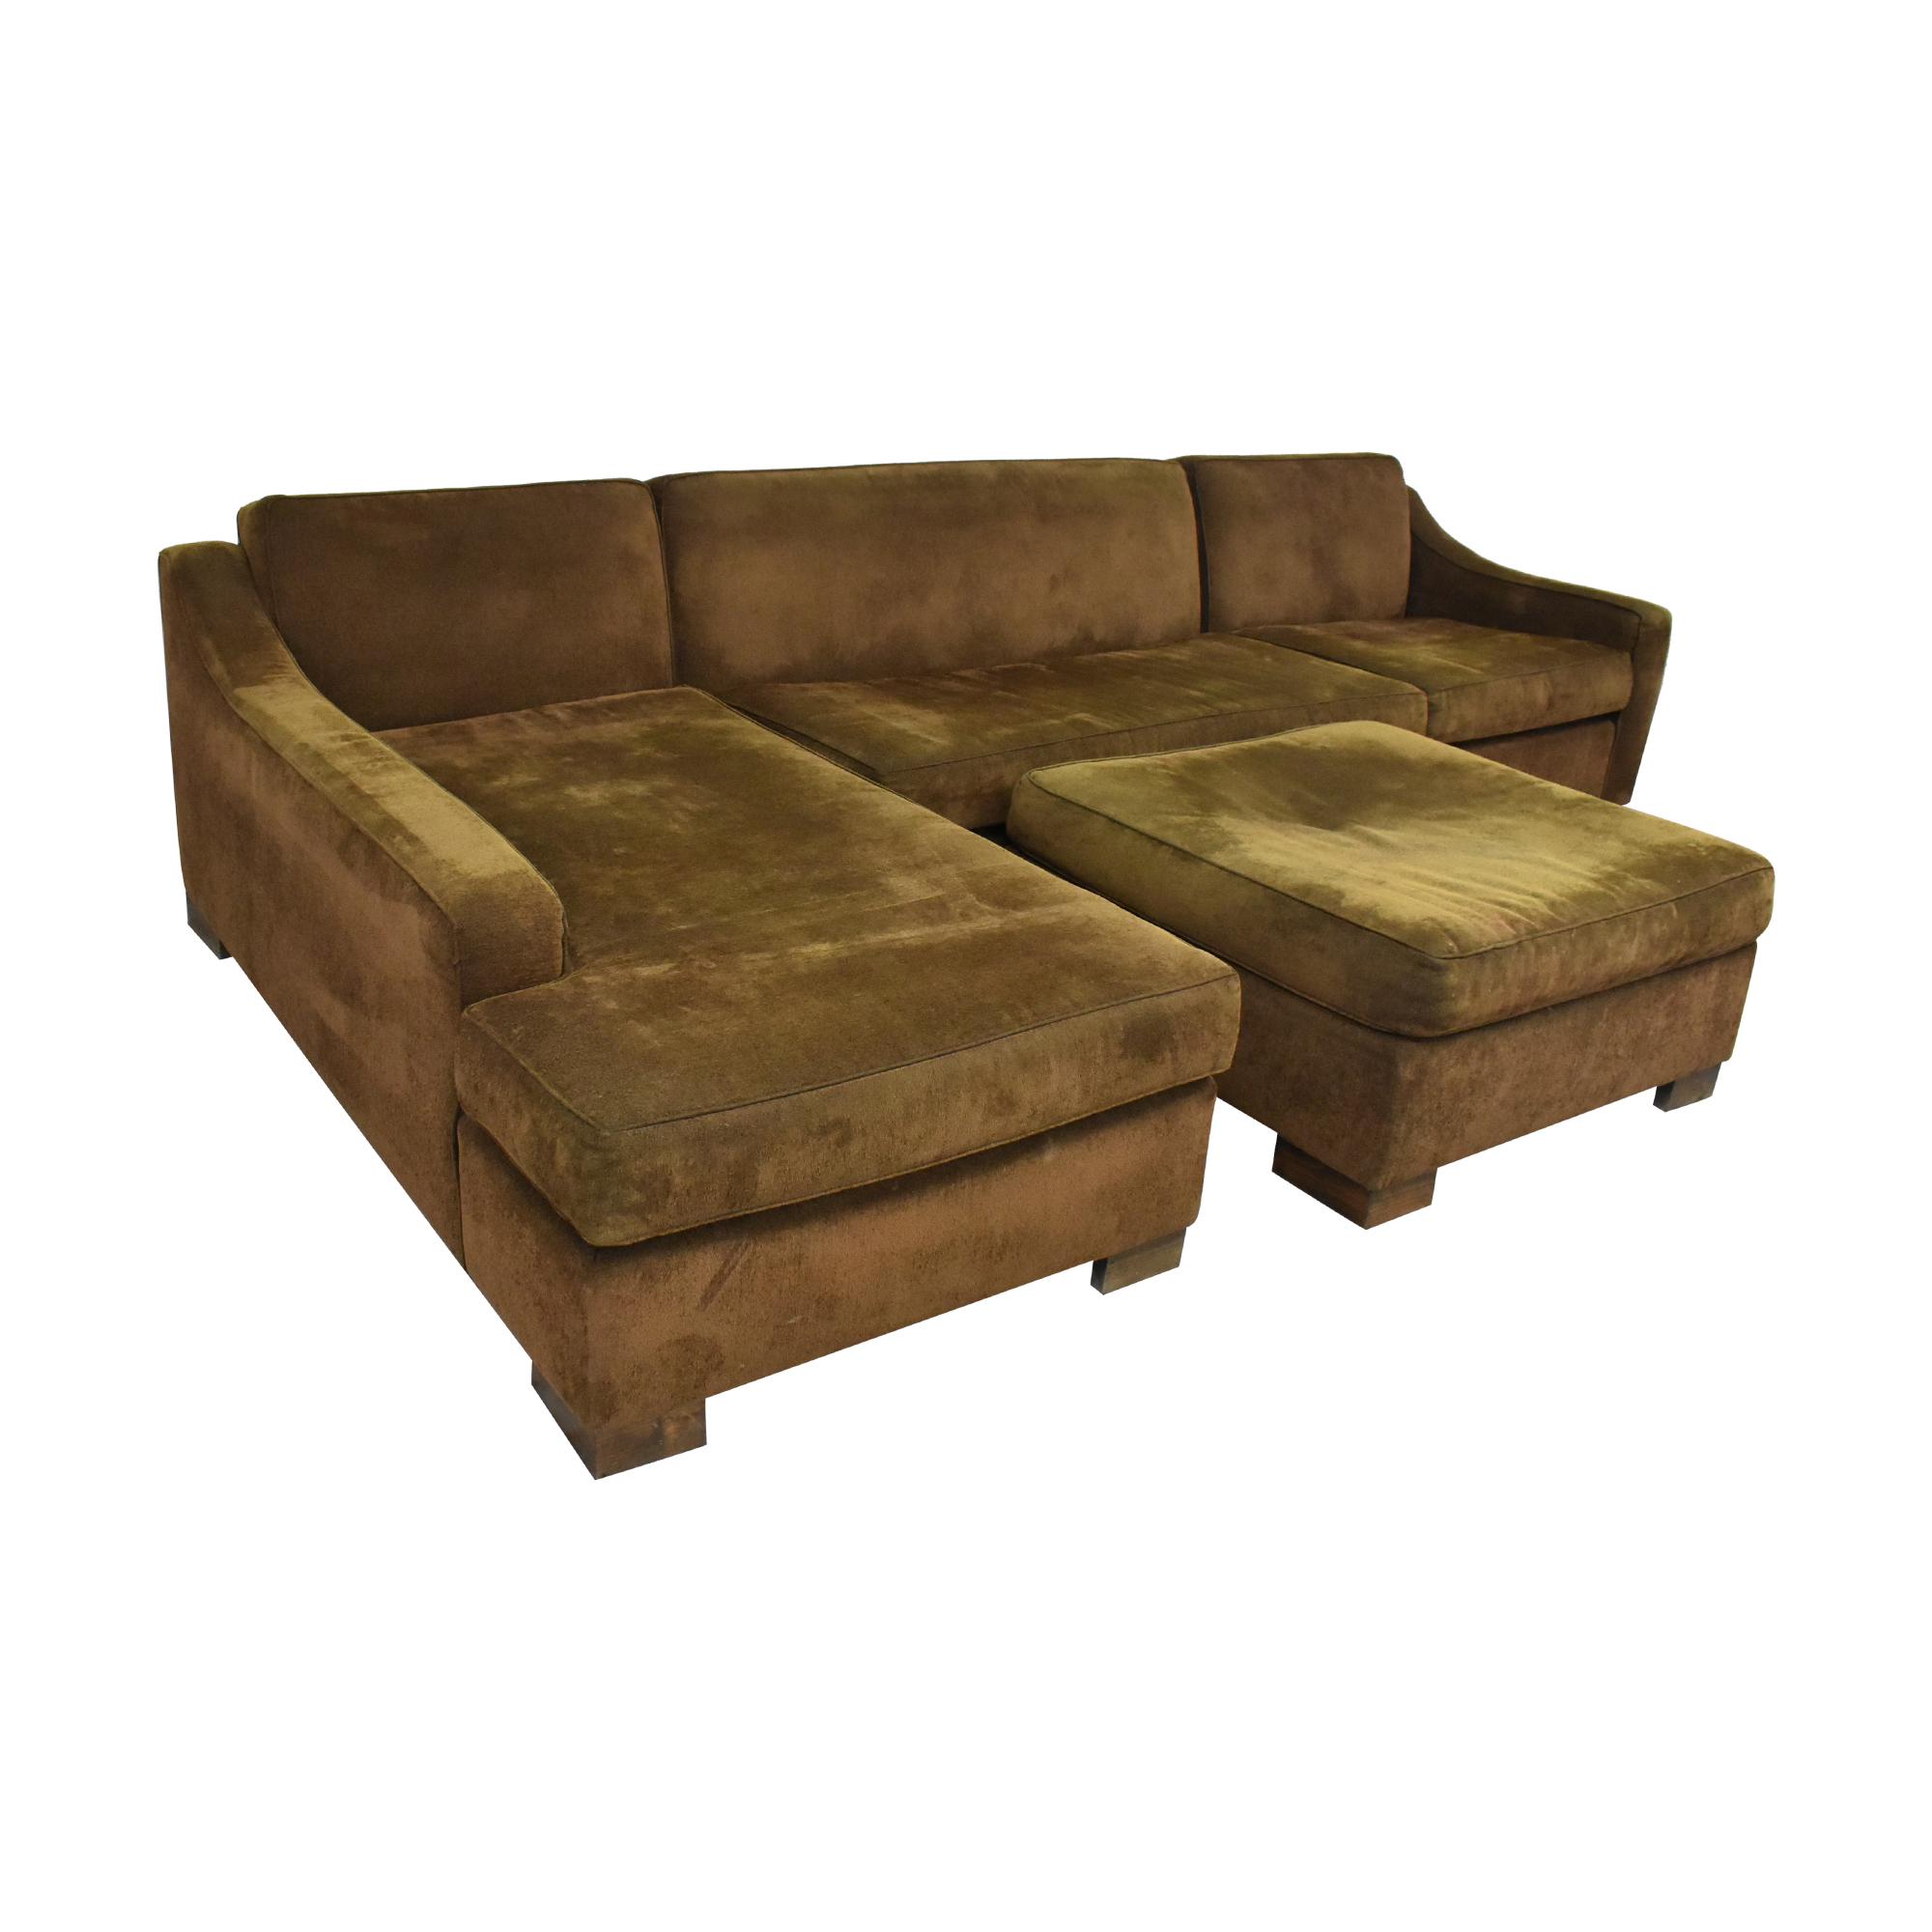 Custom Chaise Sectional Sofa with Ottoman nj